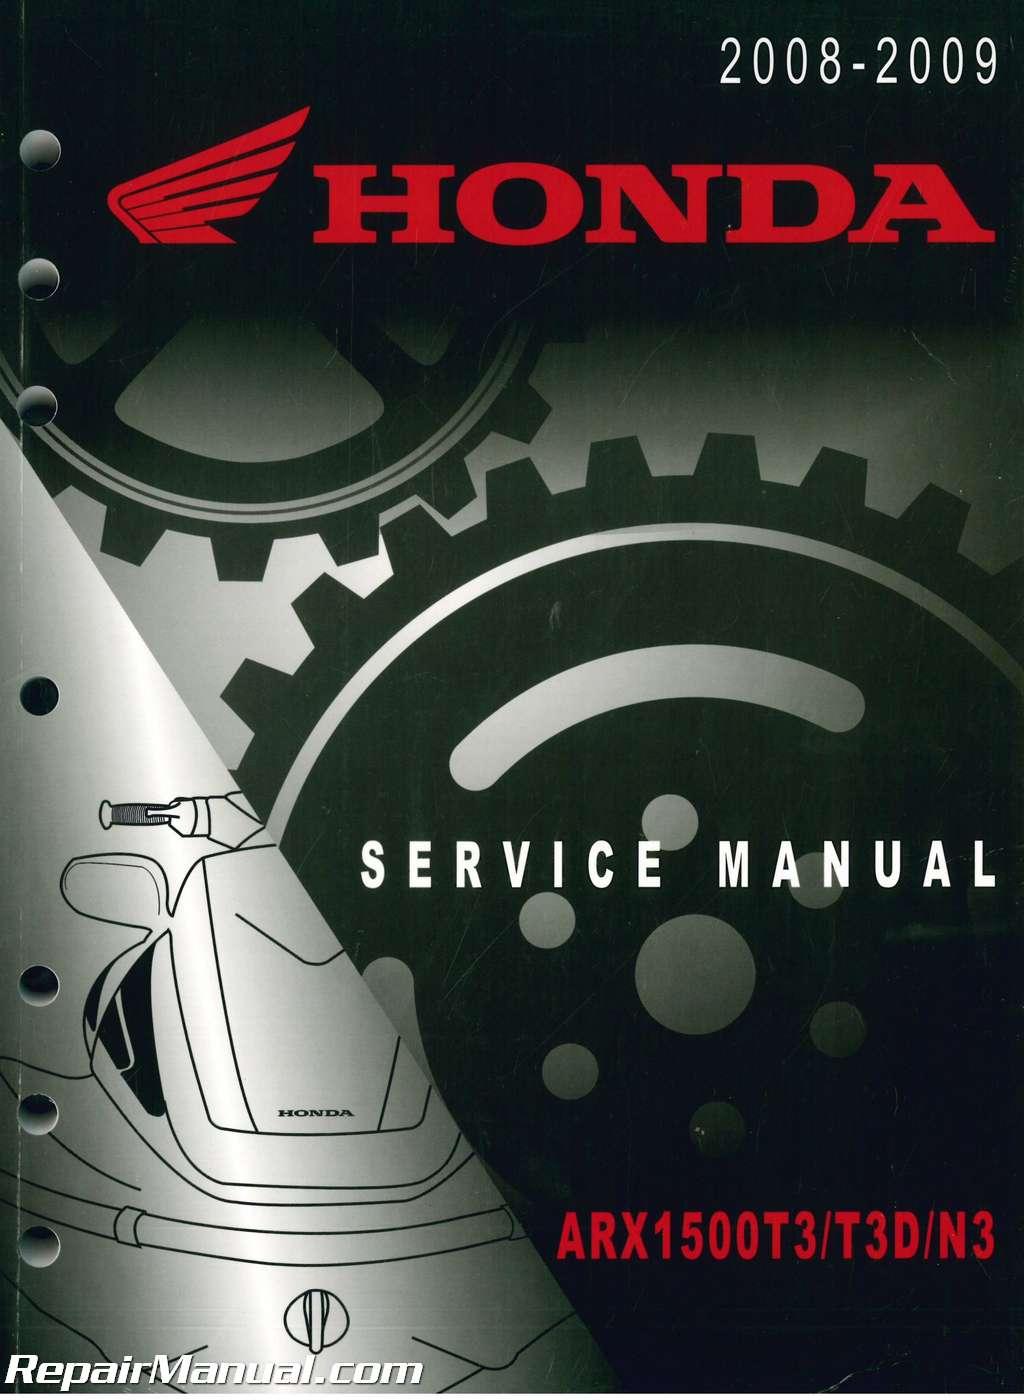 2008 2009 arx1500t3 t3d n3 aquatrax f 15x factory service manual rh repairmanual com 2018 Honda Aquatrax 2008 Honda Aquatrax